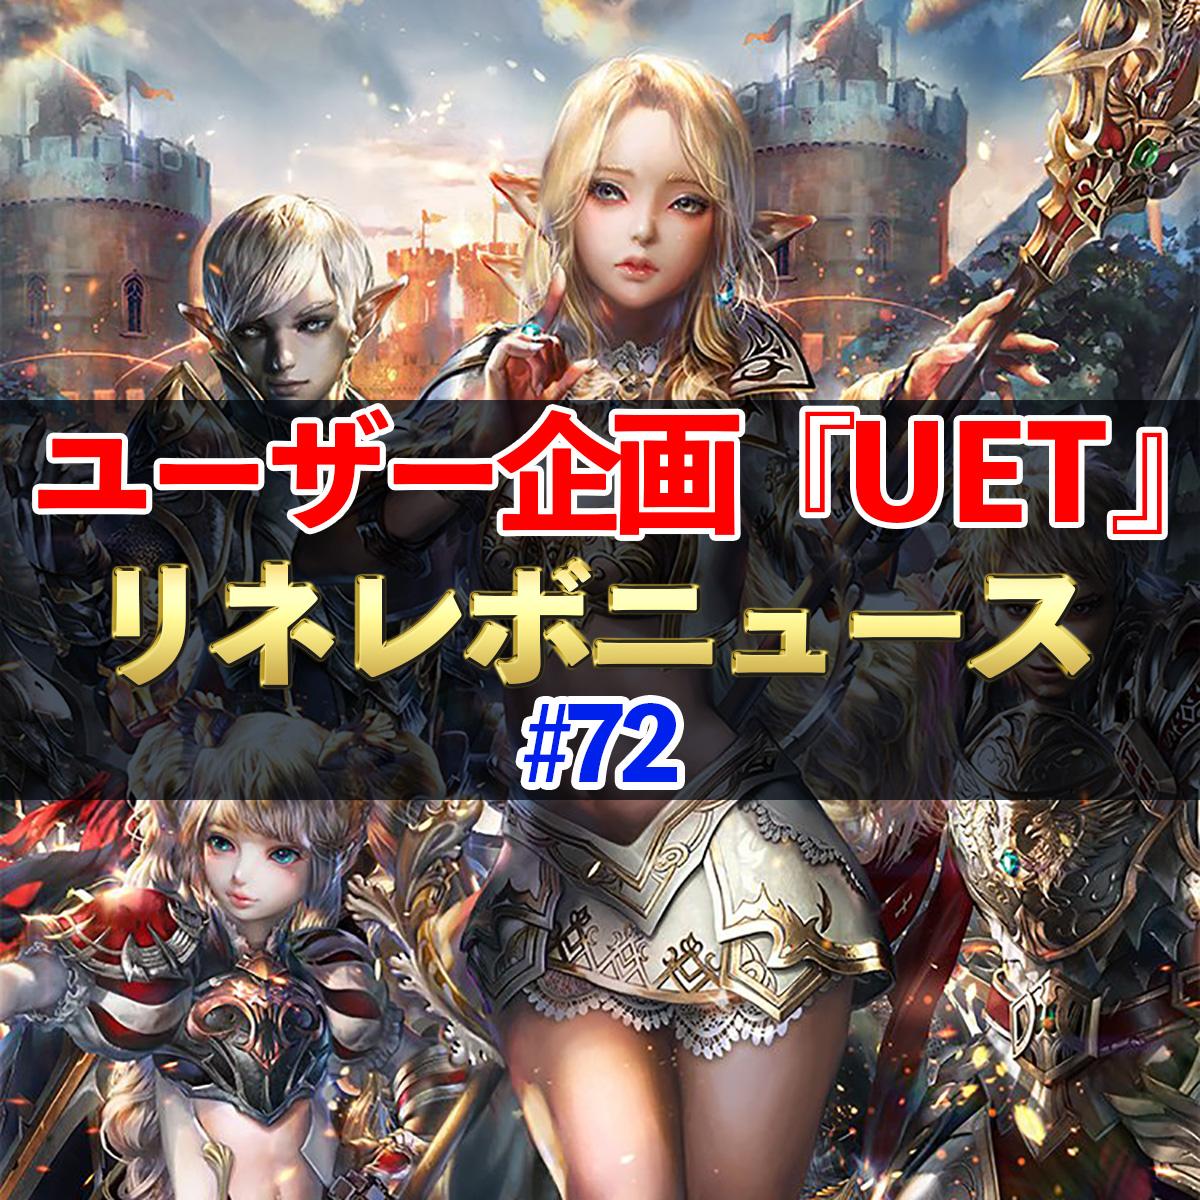 【リネレボ】ユーザー企画『UET』開催! リネレボニュース#72